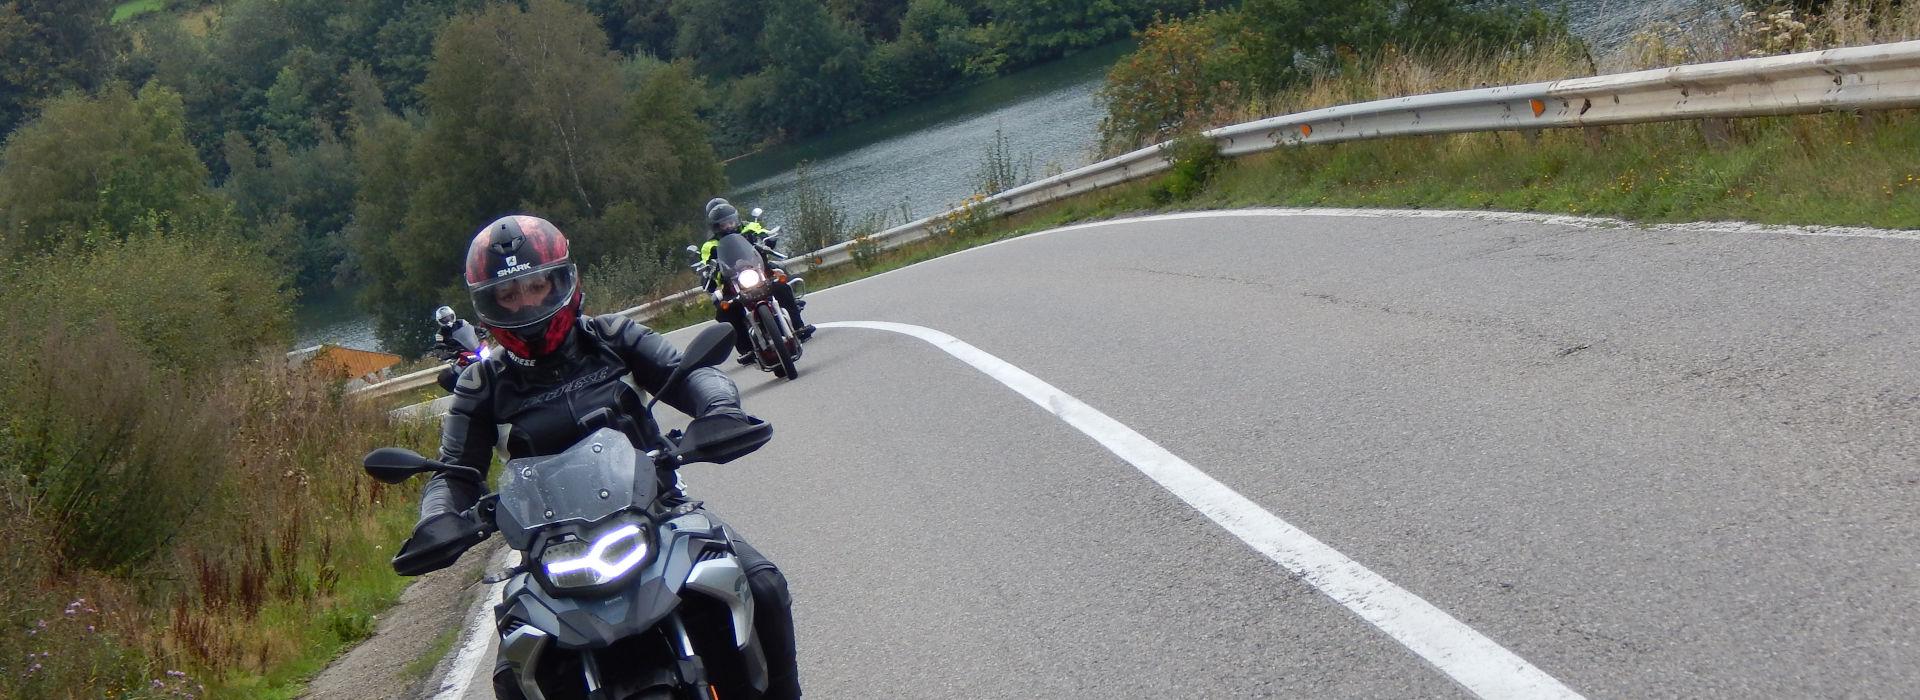 Motorrijbewijspoint Numansdorp motorrijlessen